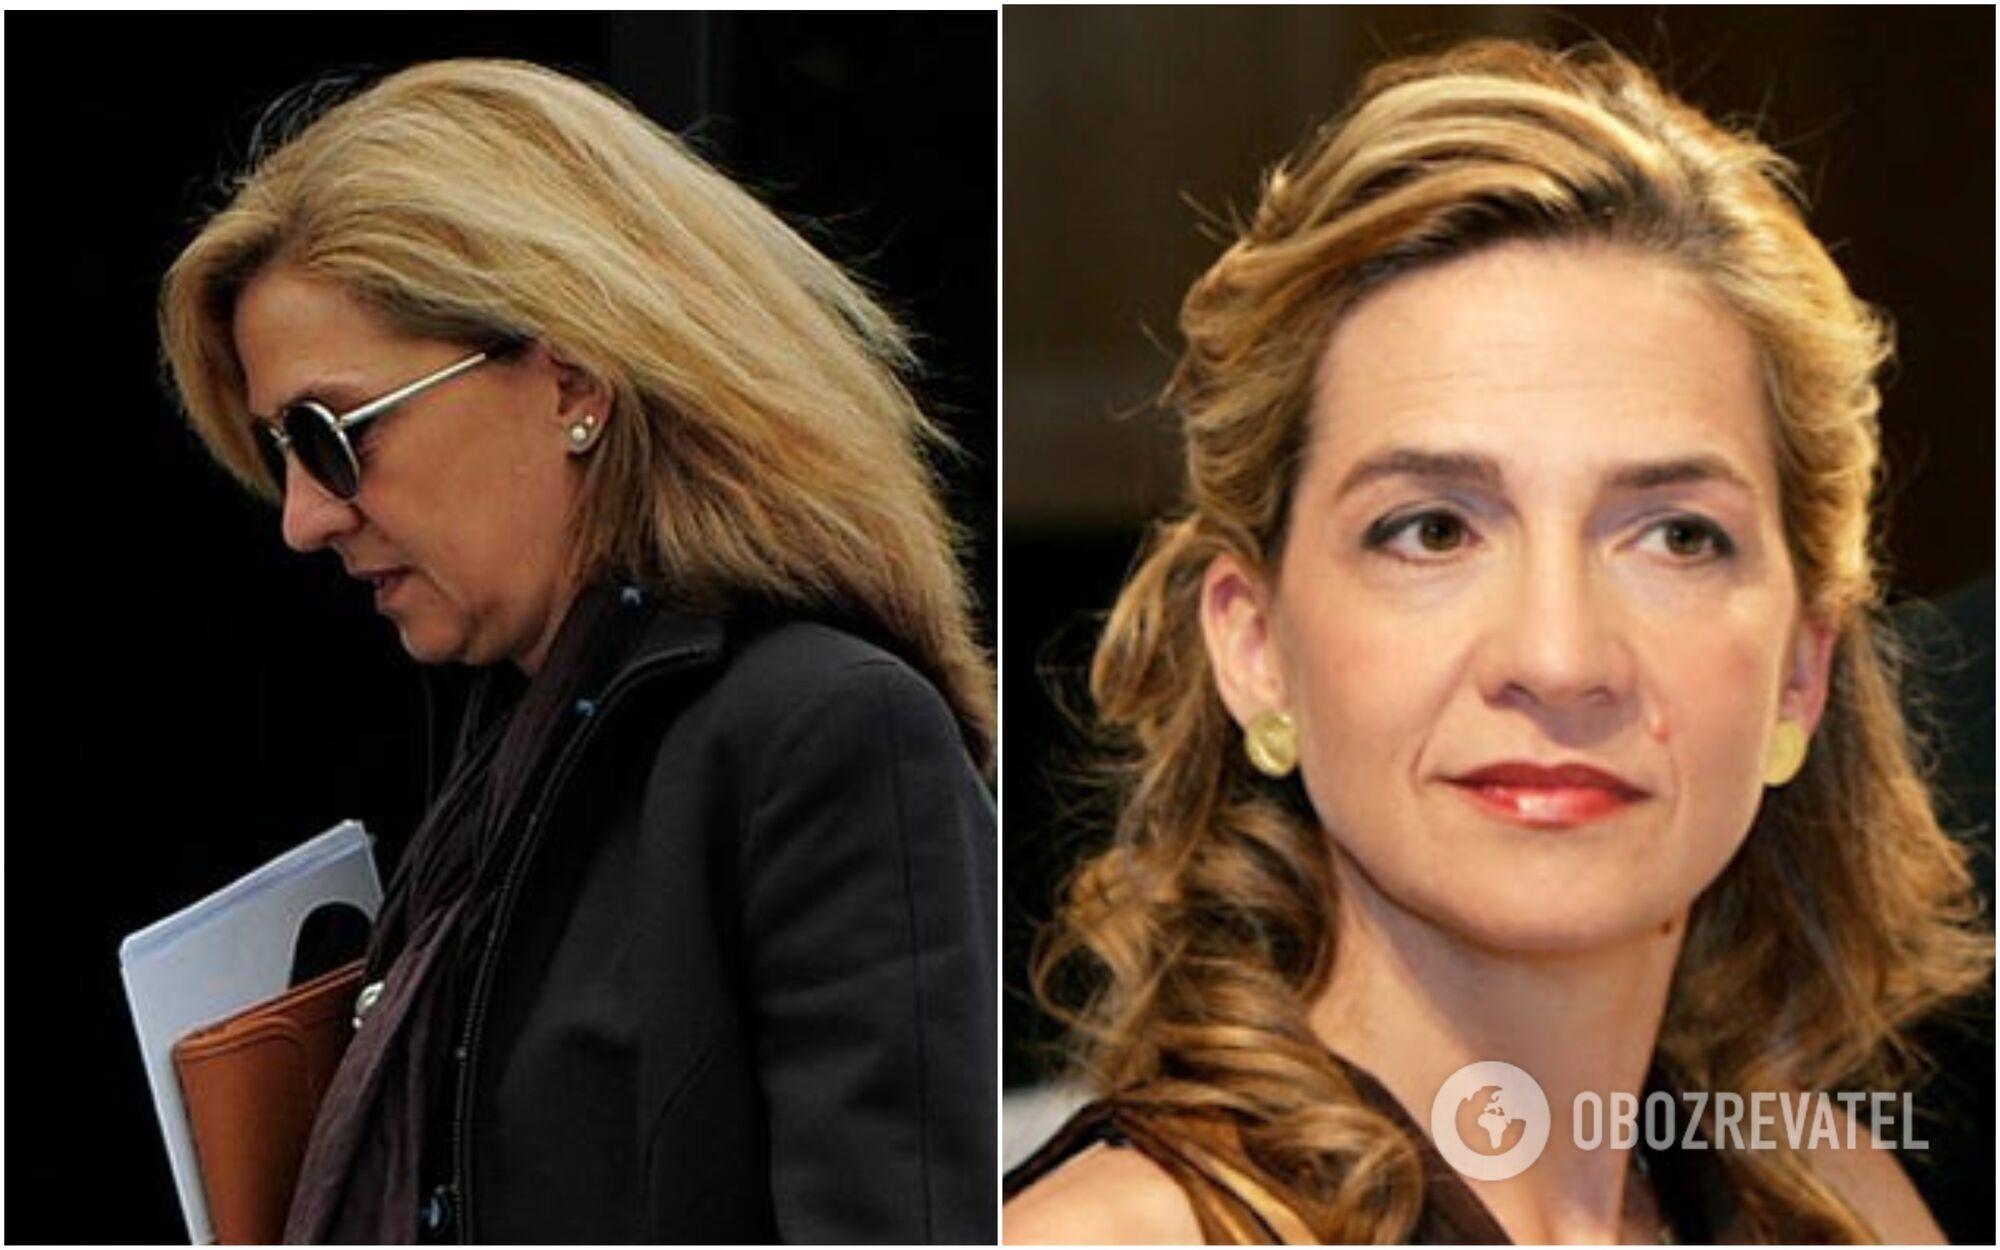 Принцессу Кристину обвинили в краже 6 миллионов евро